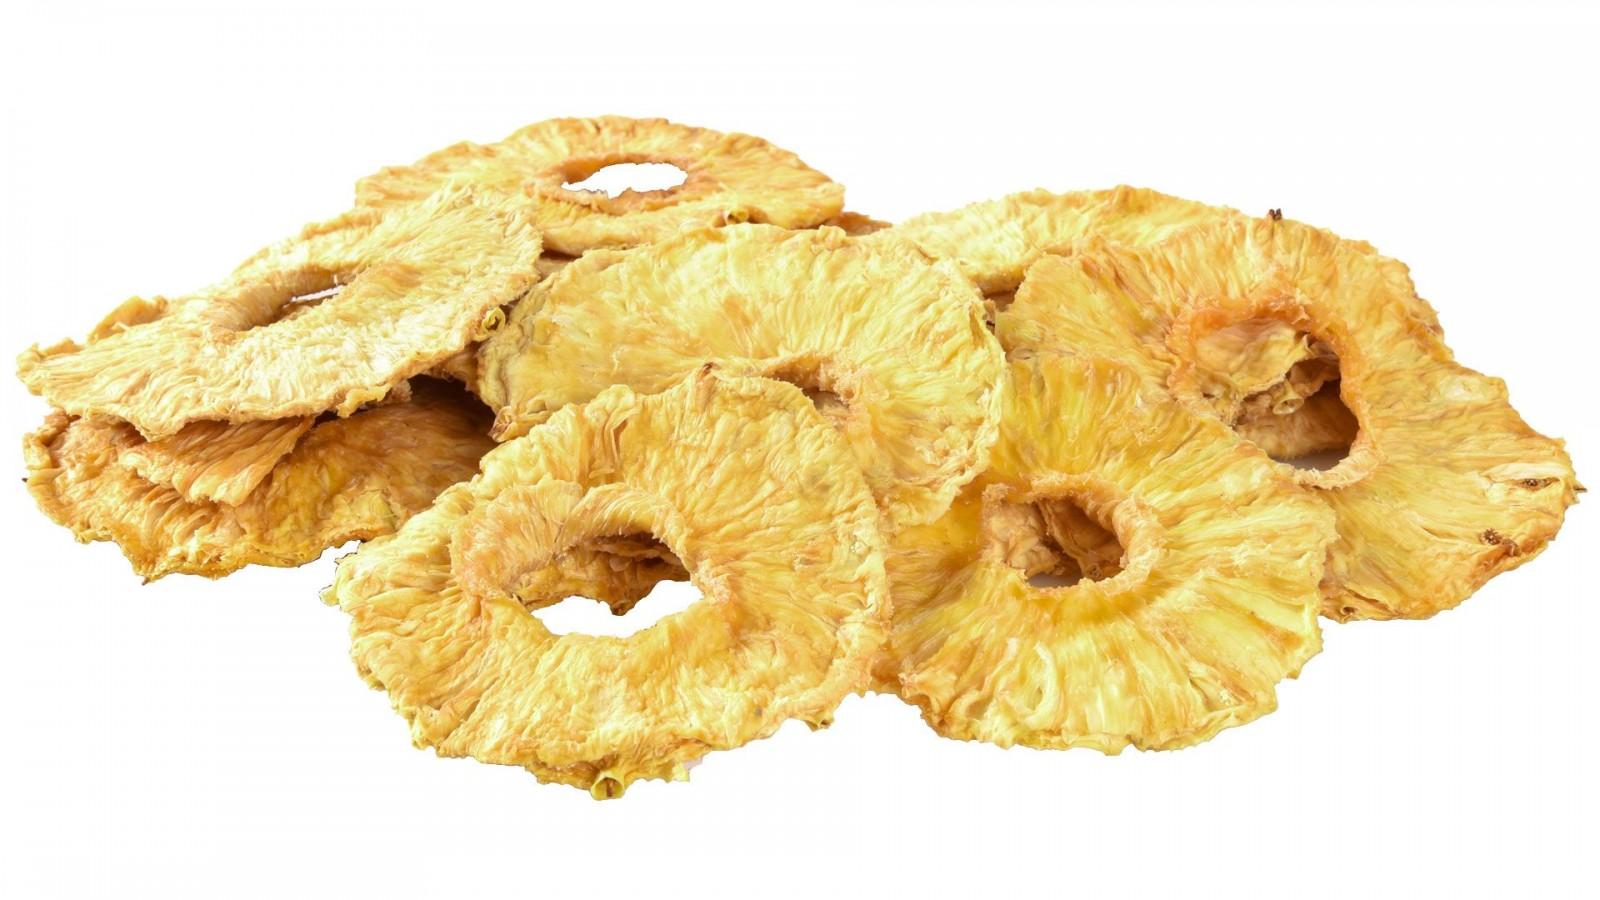 Ananas suszony cena plastry bez cukru bez siarki 500g